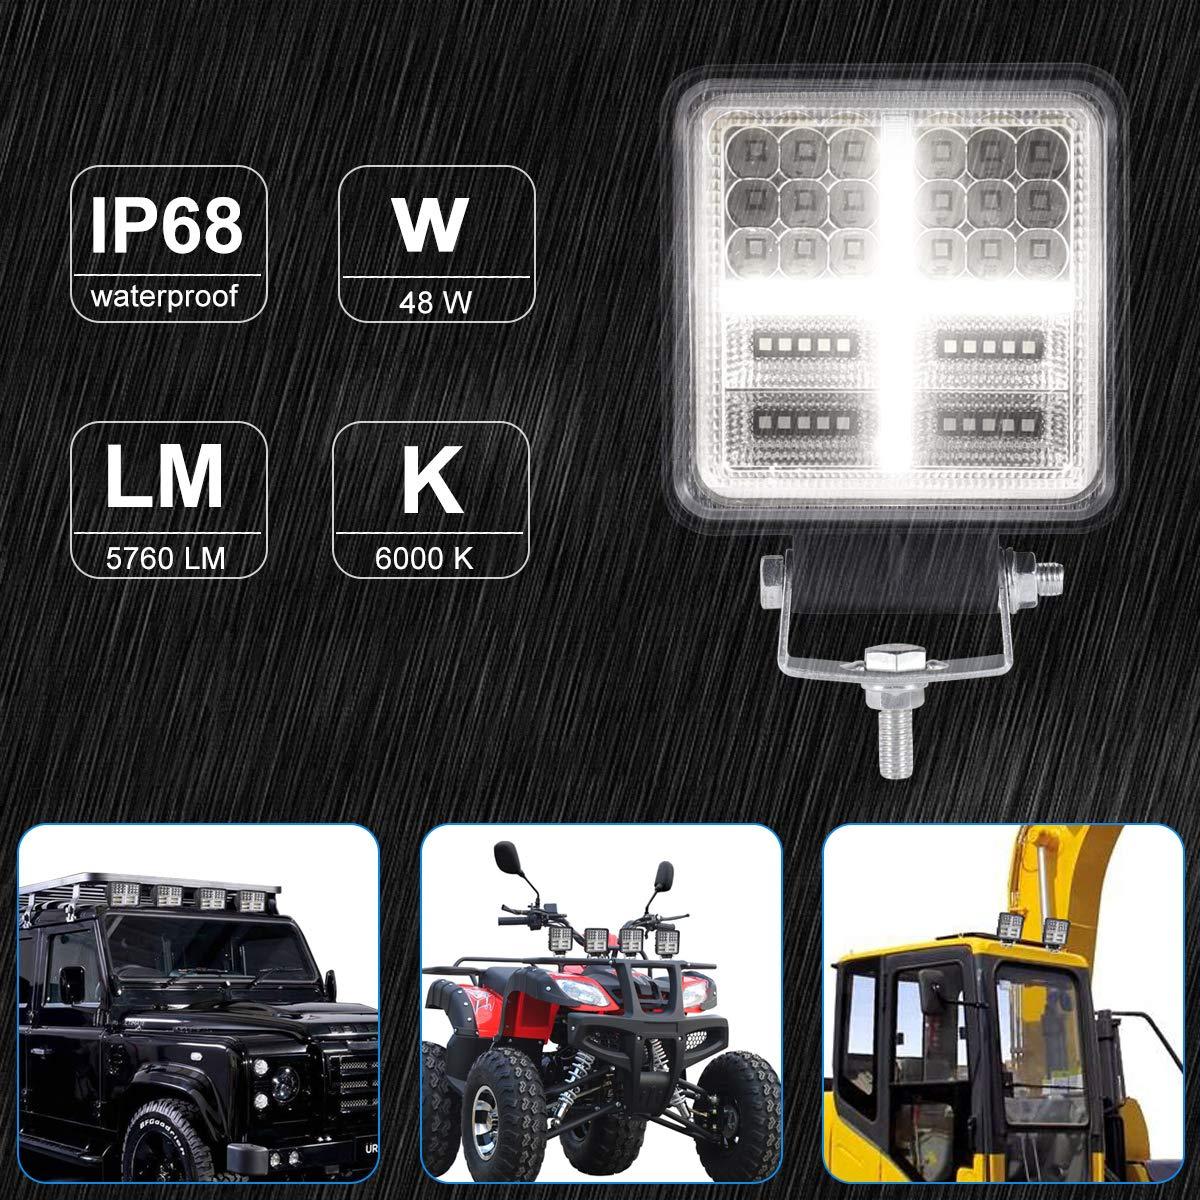 HAWEE 48W LED Faro Antiniebla Offroad Faro LED Luz de Trabajo DRL Luces Diurnas Focos LED Luz de Inundaci/ón Impermeable IP68 para Cami/ón Off Road Jeep 4x4s SUV UTV ATV Motocicleta Tractor Barco